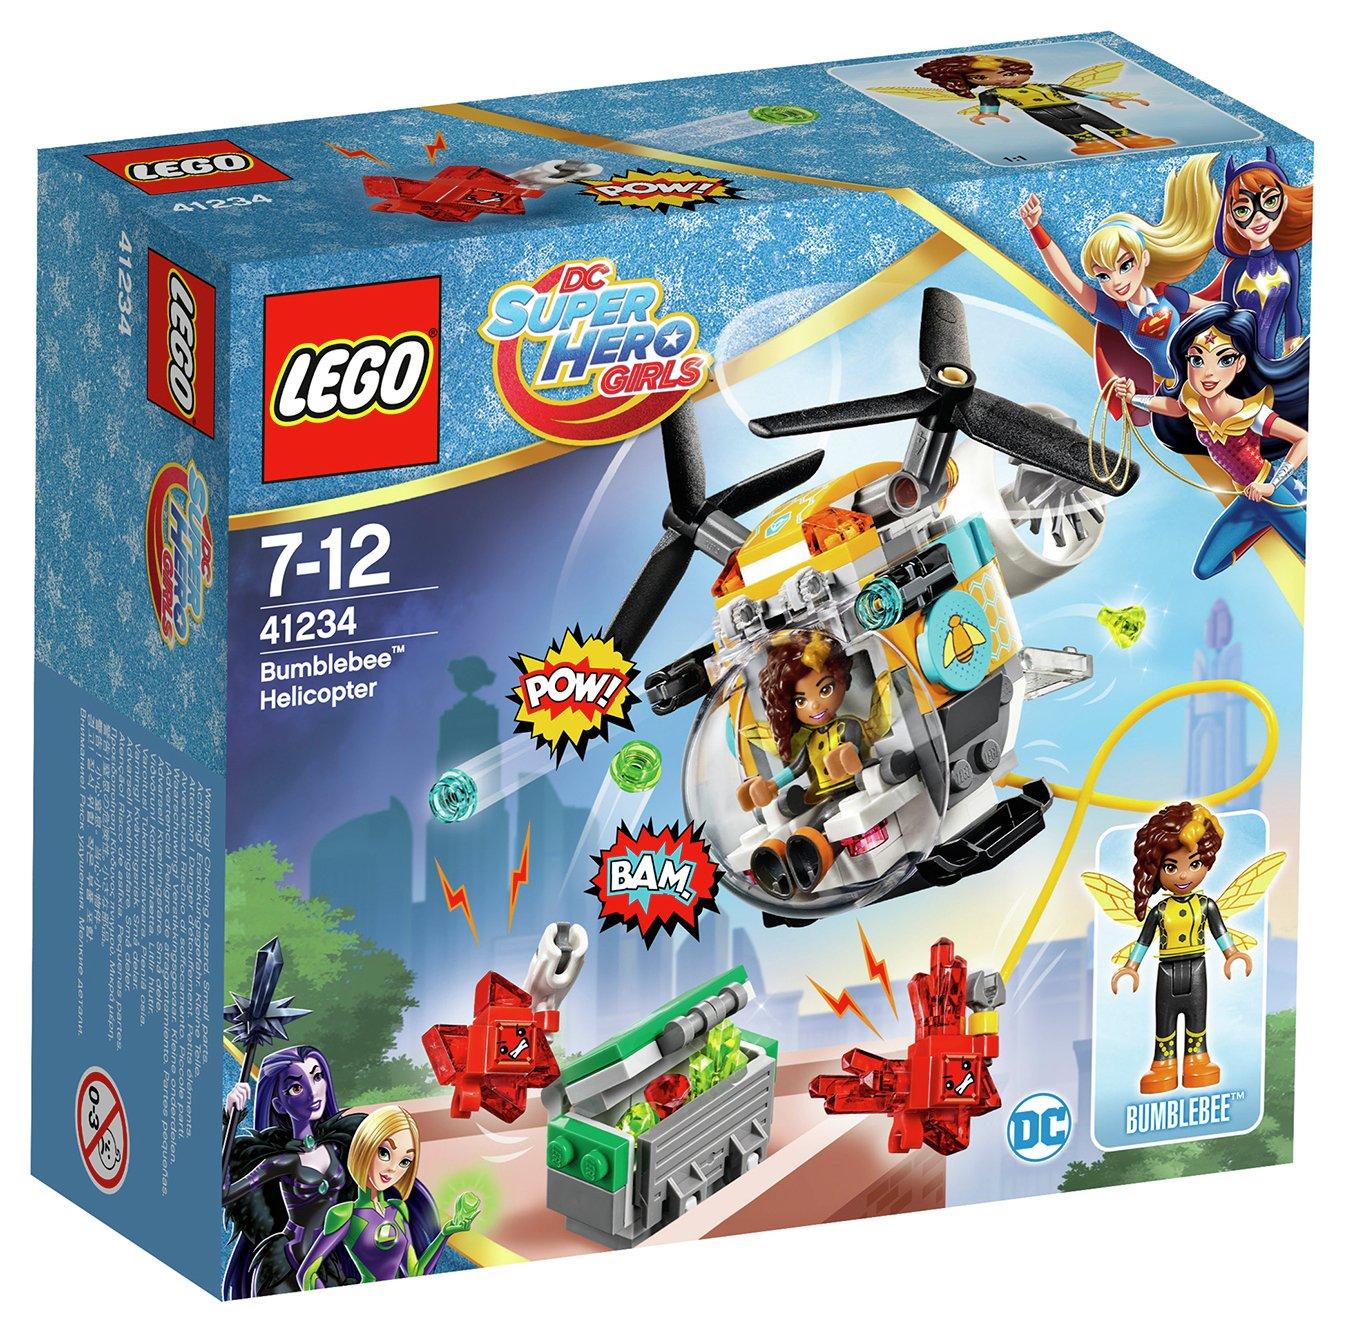 LEGO Bumblebee Helicopter - 41234